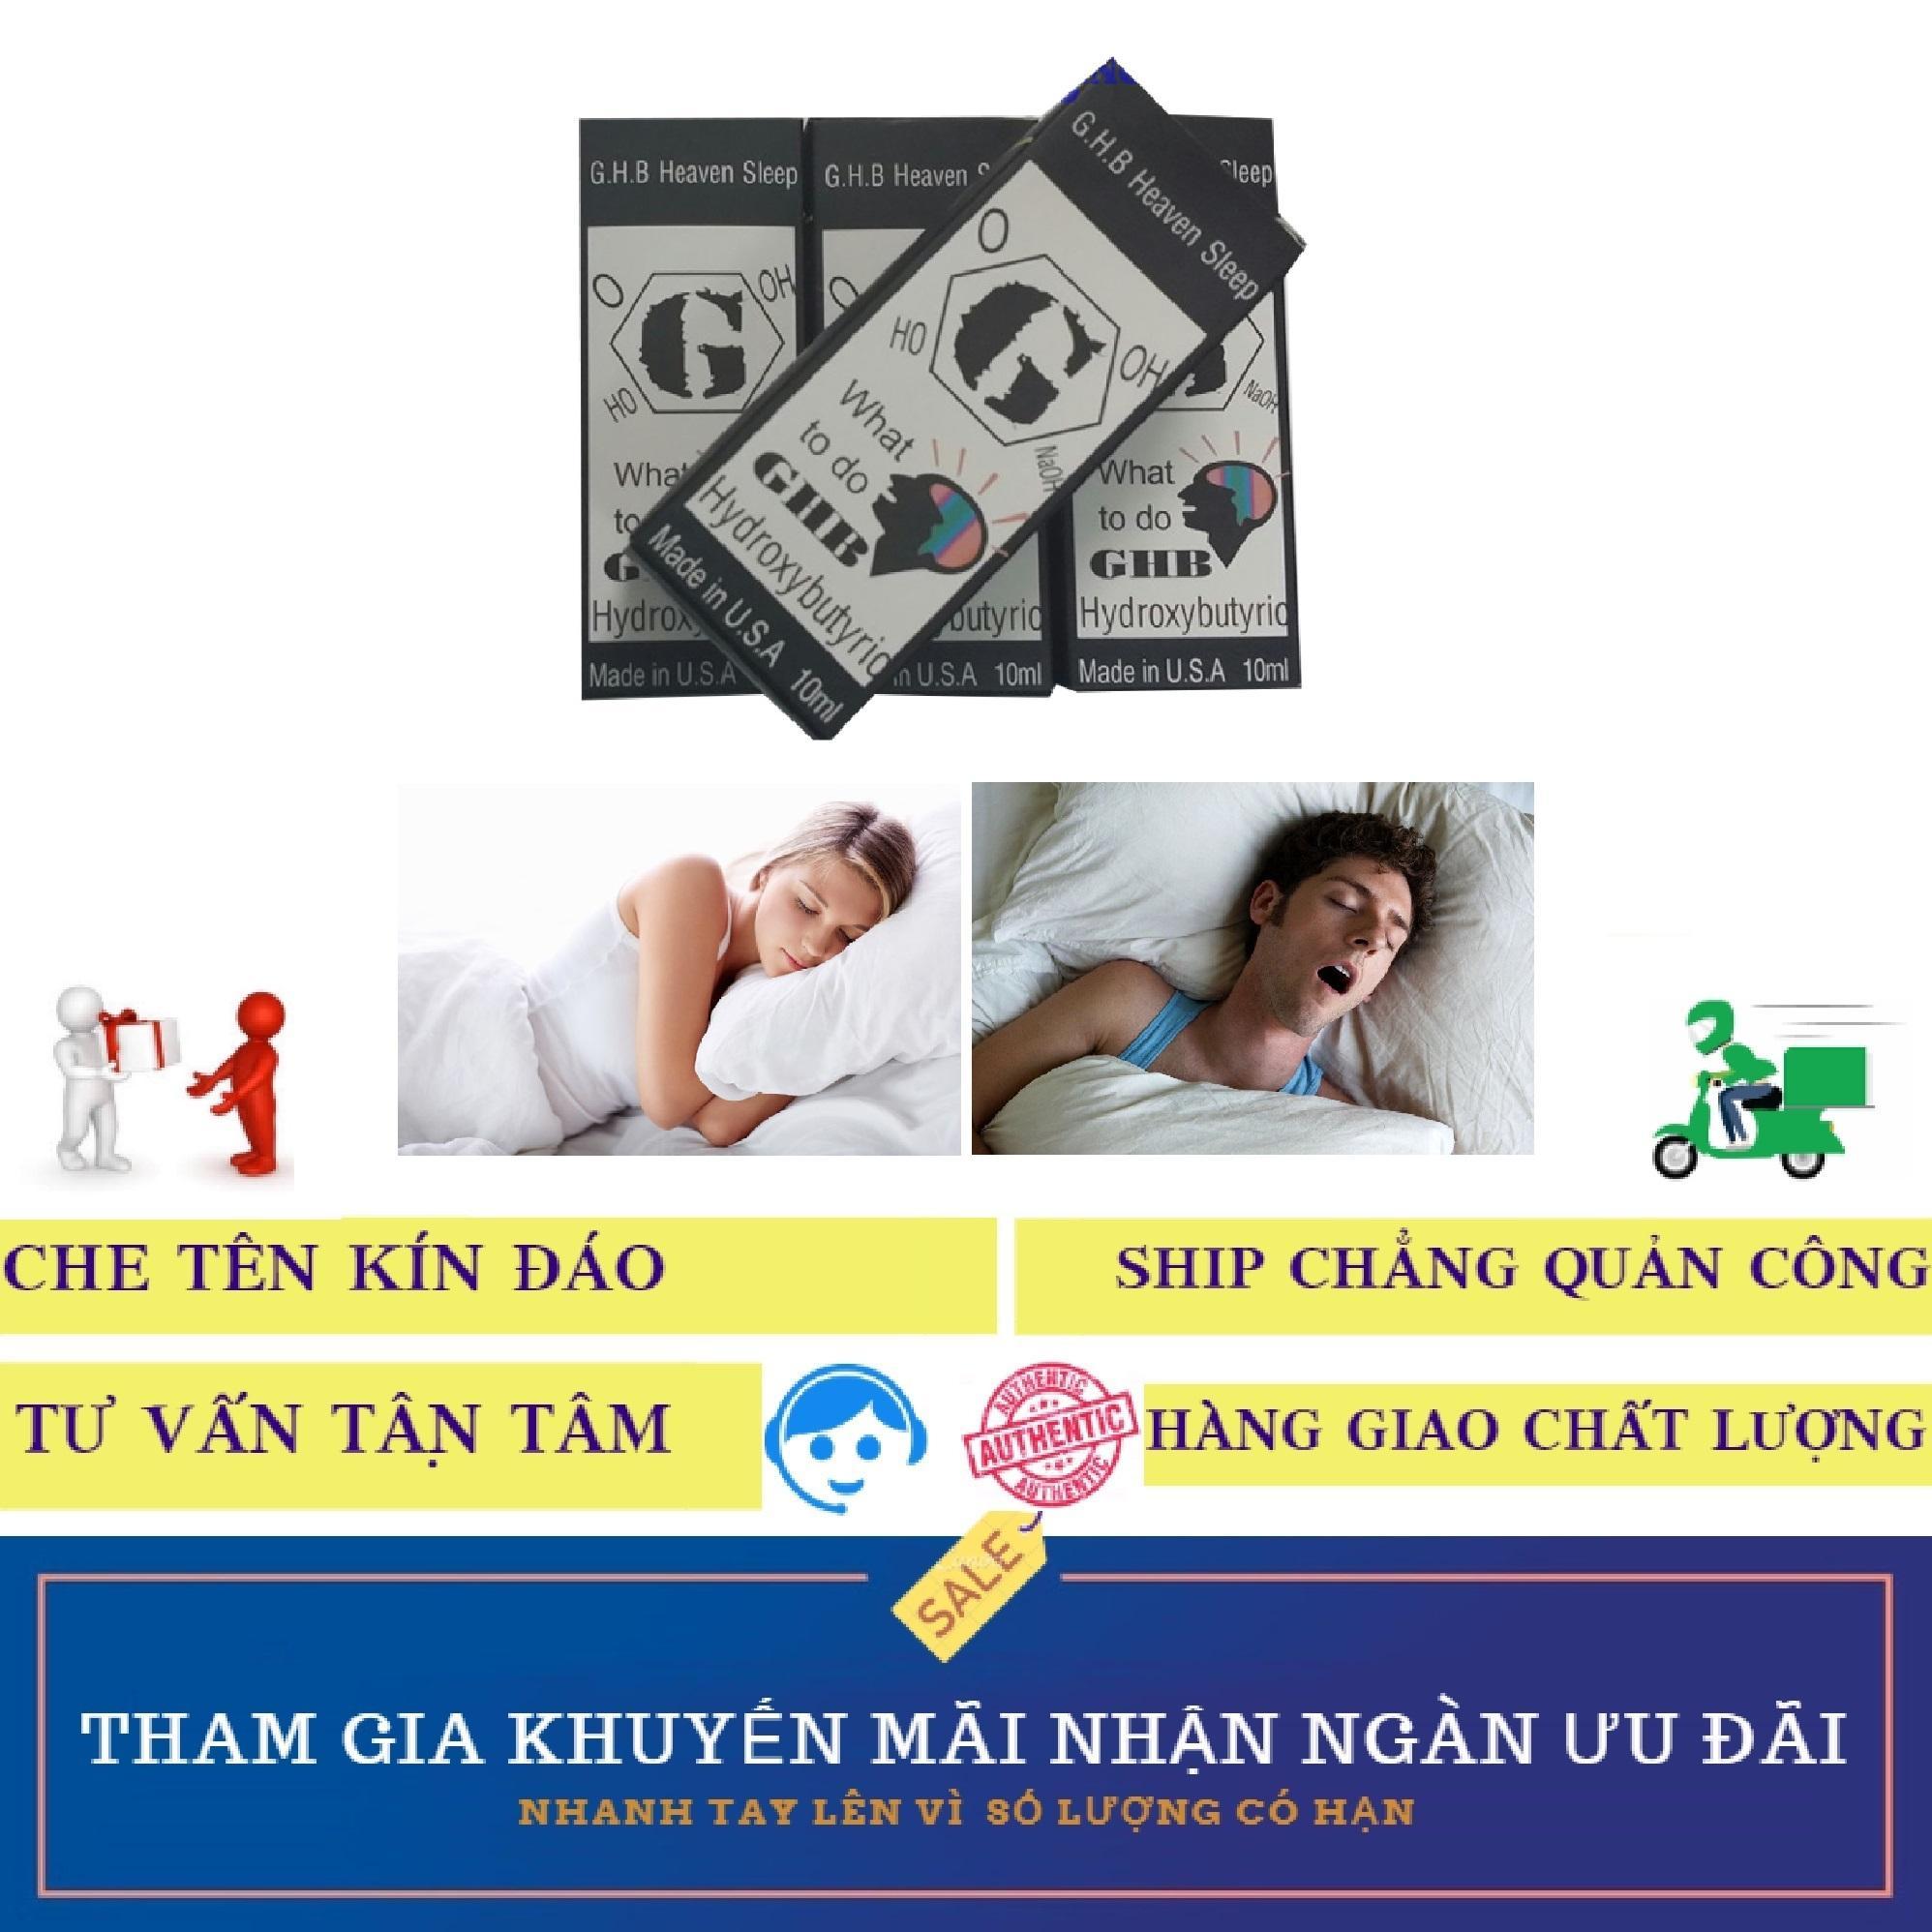 Thuốc dung dịch GHB hỗ trợ mê giấc ngủ (10ml)